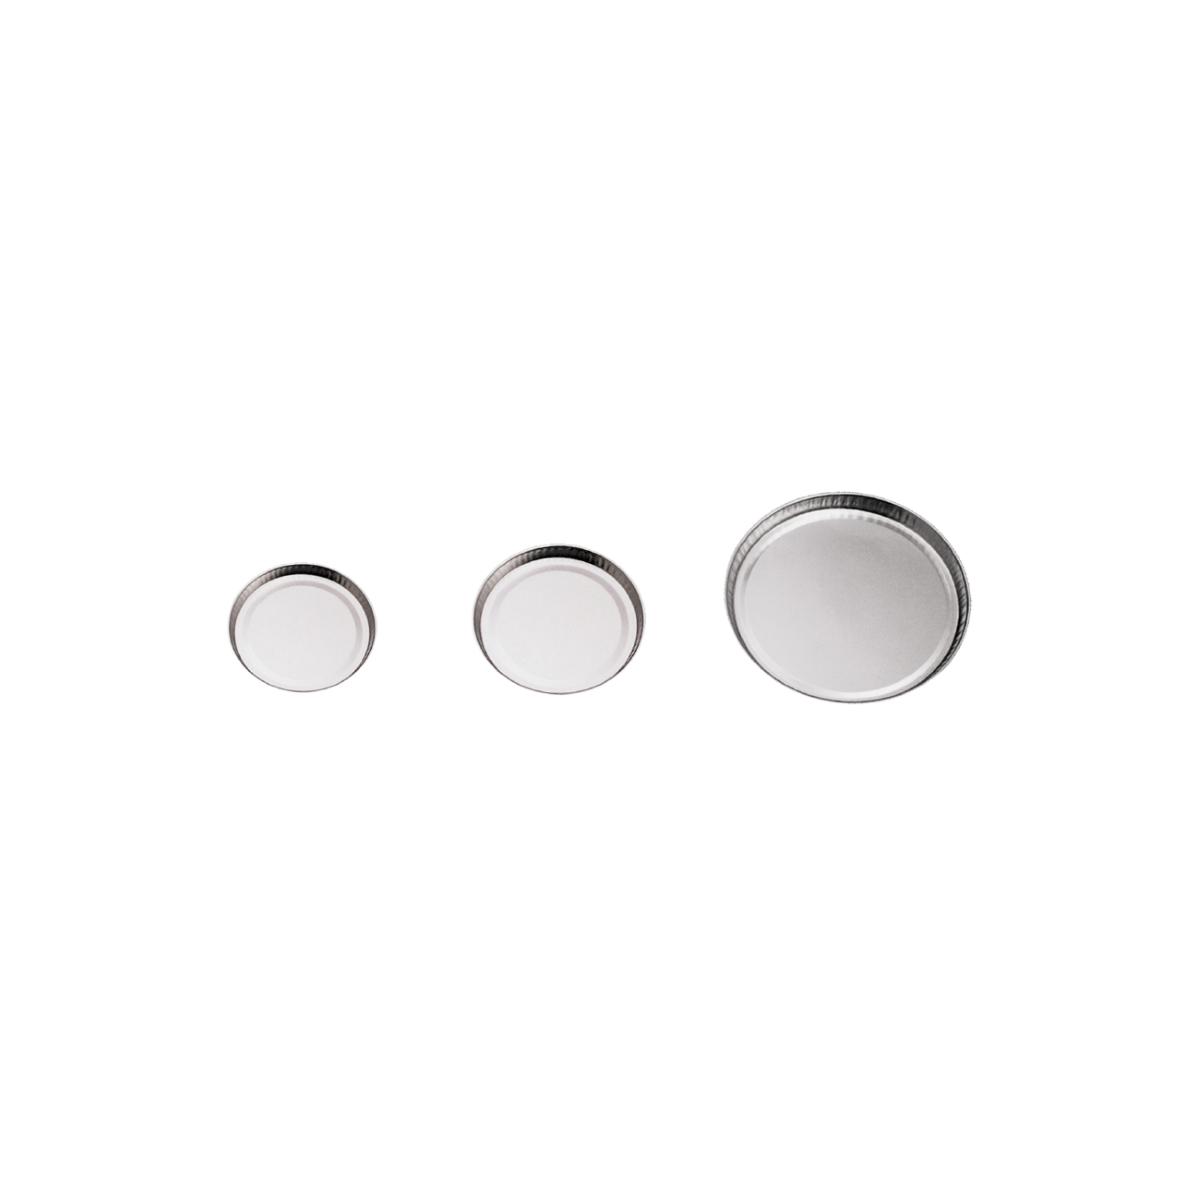 Aluminiowe szalki wagowe do określania wilgotności